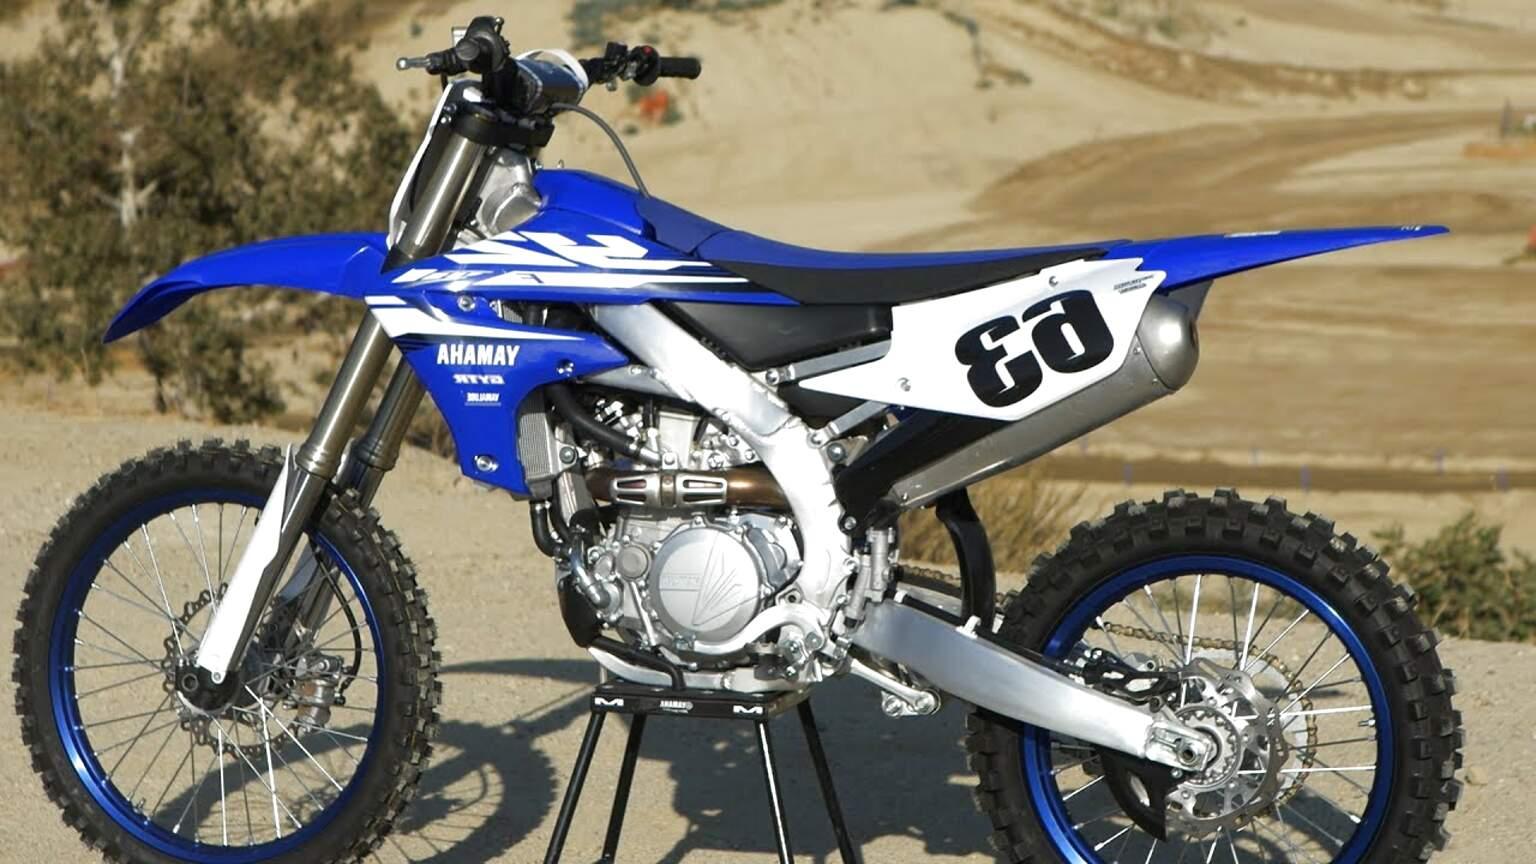 yamaha 450 for sale